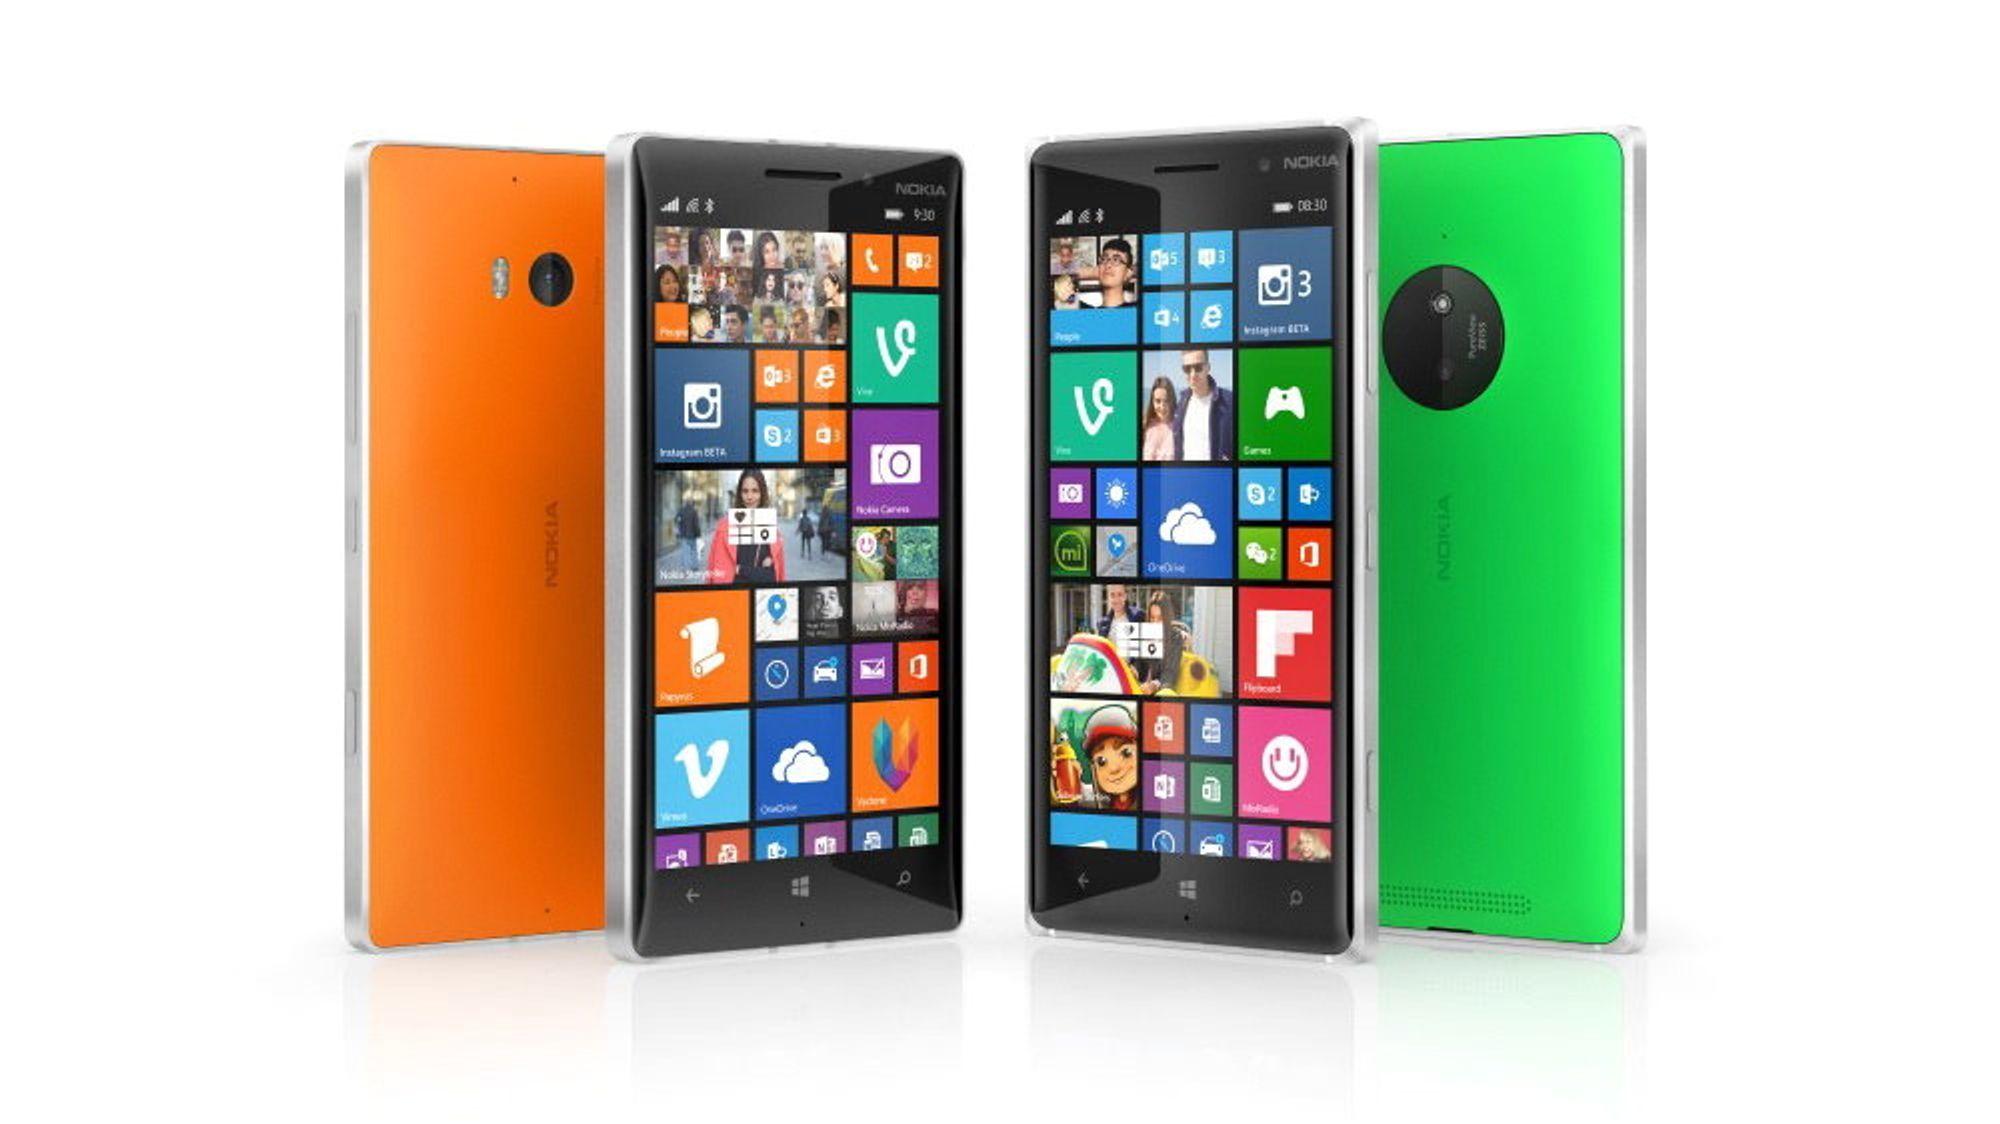 Microsoft lanserte to nye telefoner i Lumia-serien under IFA-messen. Lumia 735 til venstre, og Lumia 830 til høyre.